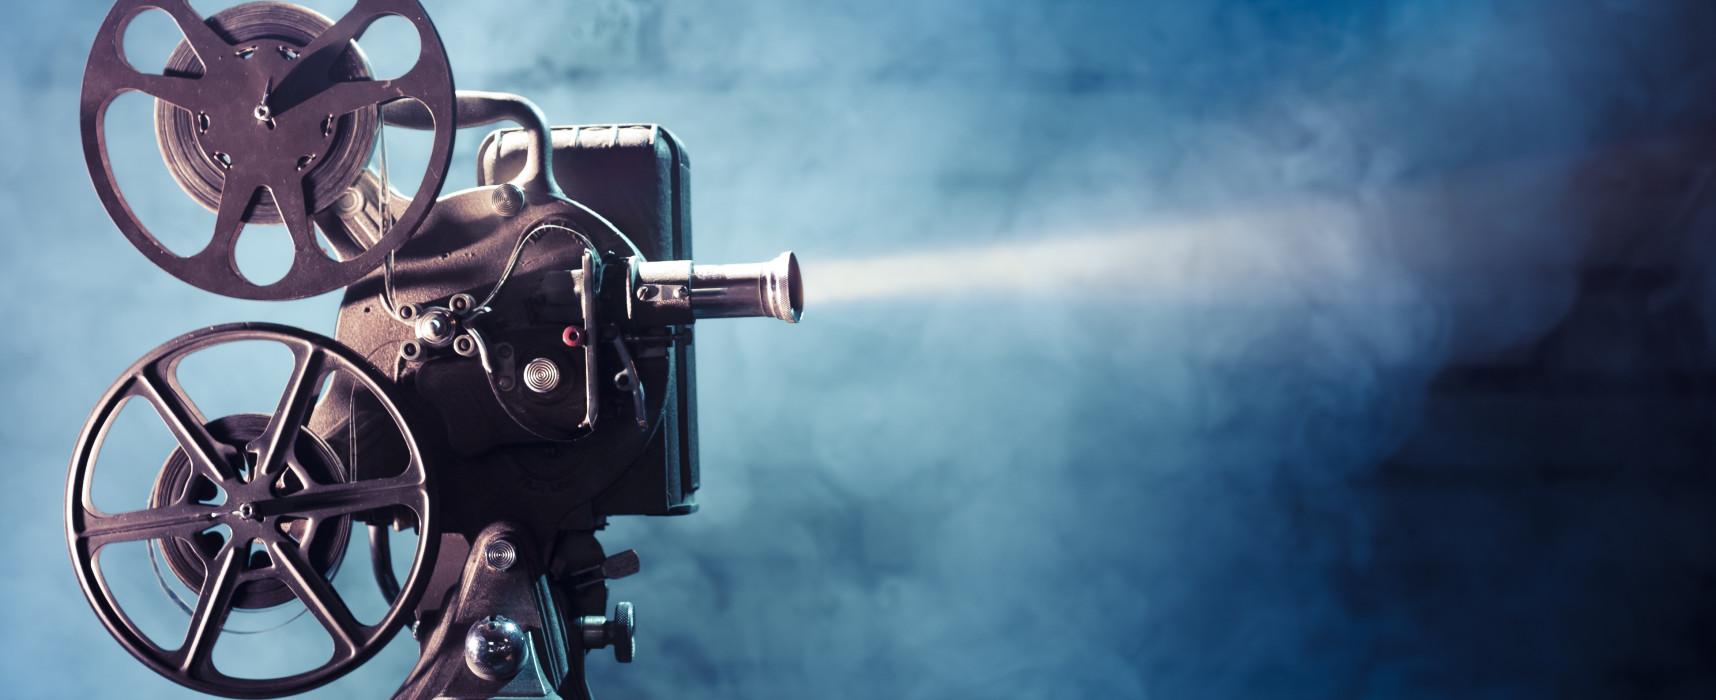 Formazione professionale nel settore cinematografico a Firenze